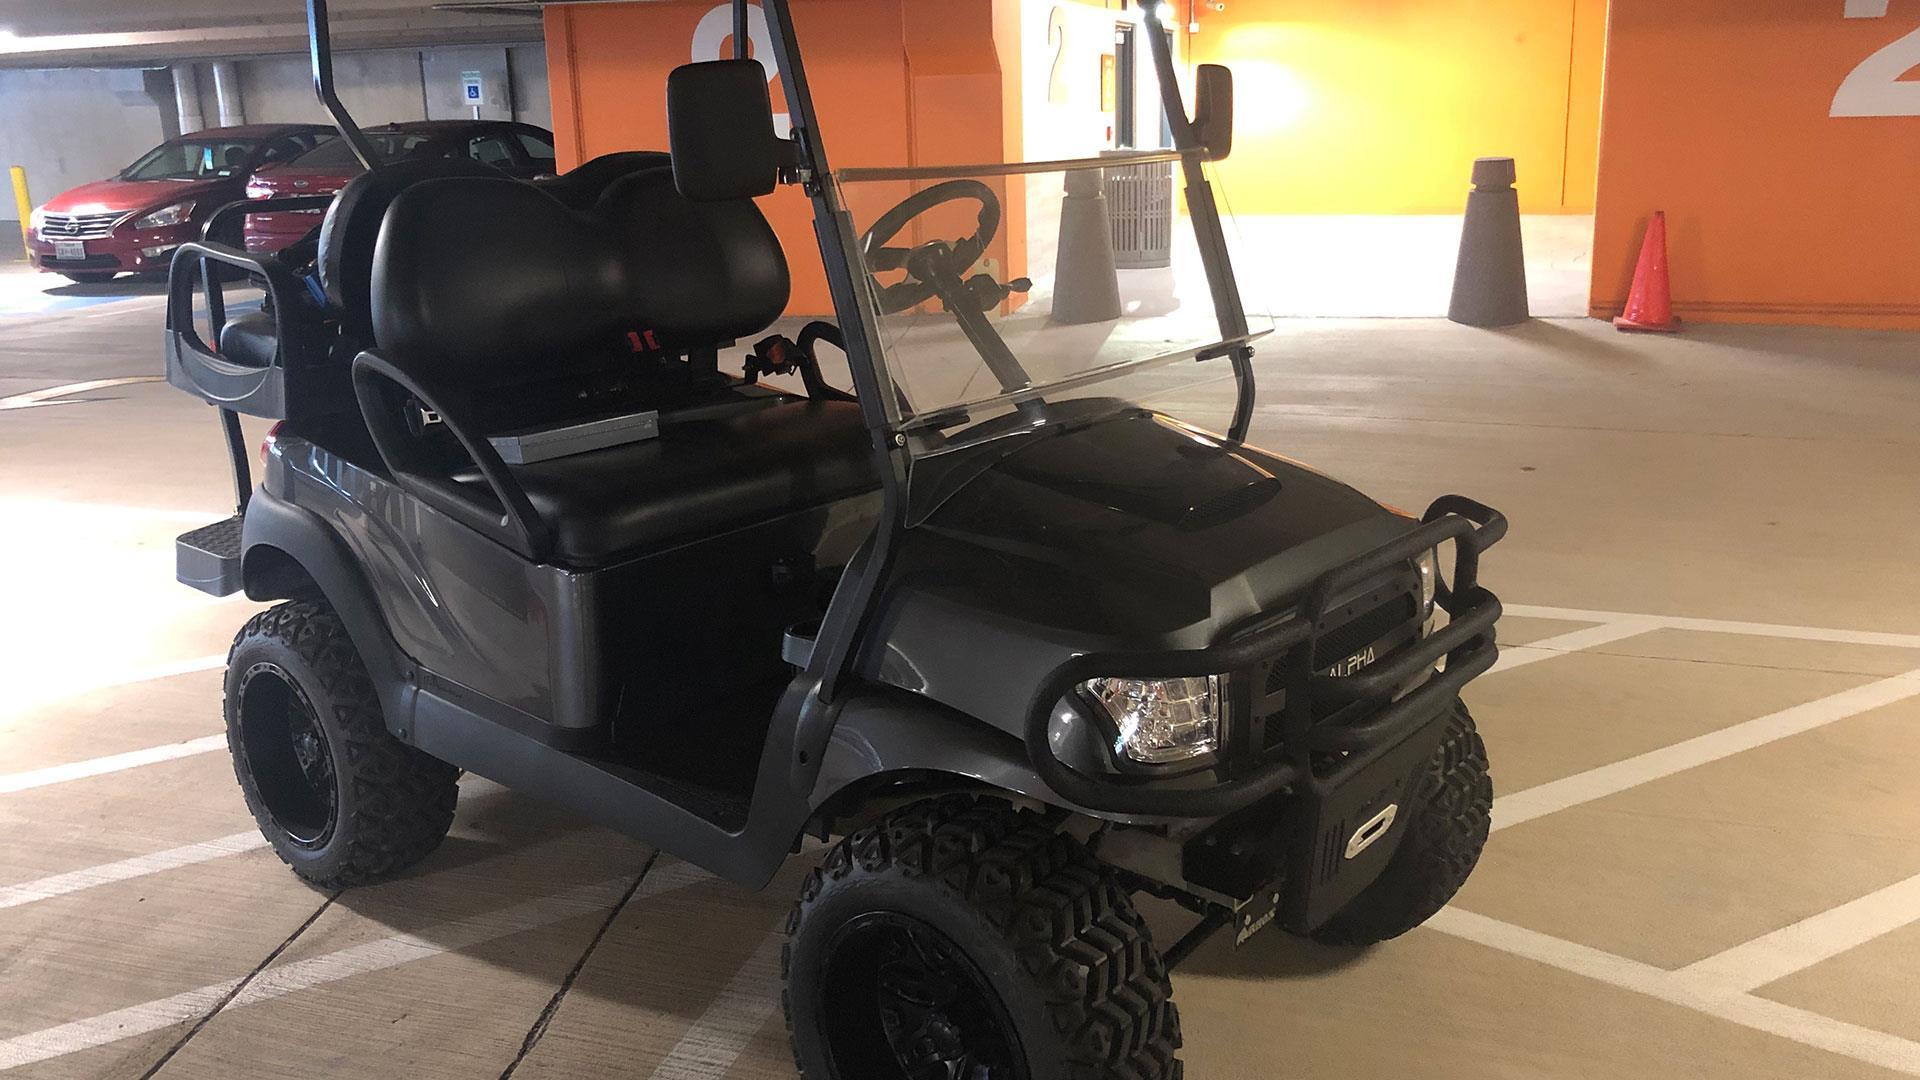 Luxury golf cart